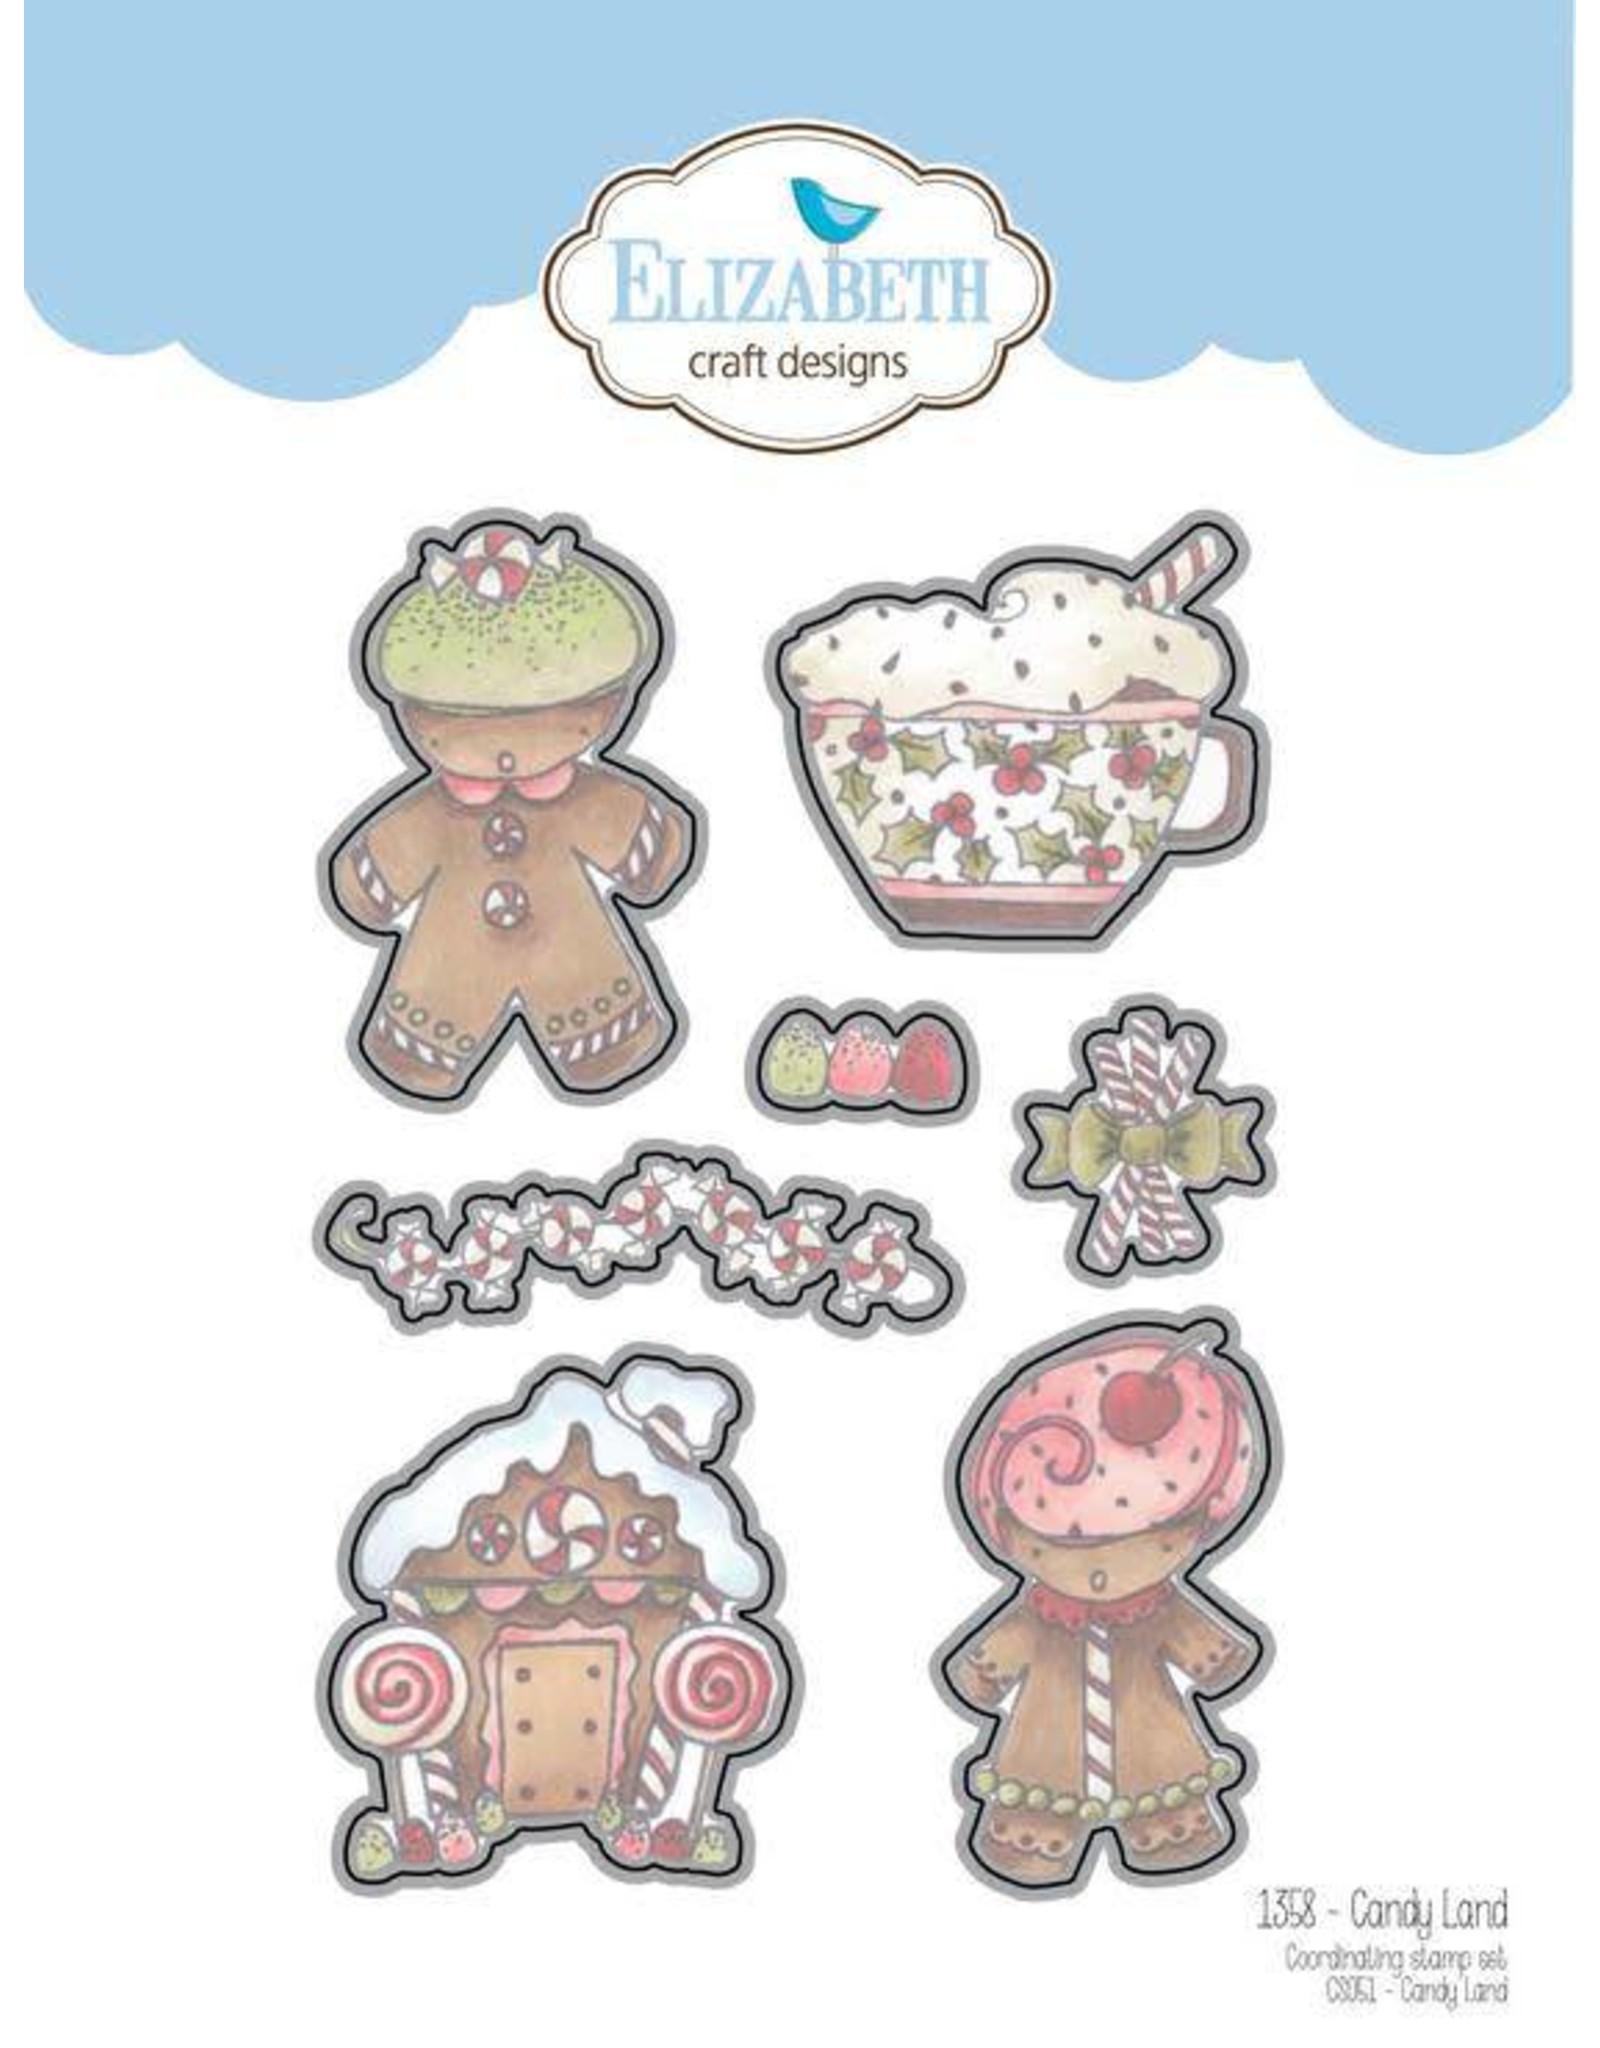 Elizabeth Craft Designs Elizabeth Craft Designs candy land dies 1358